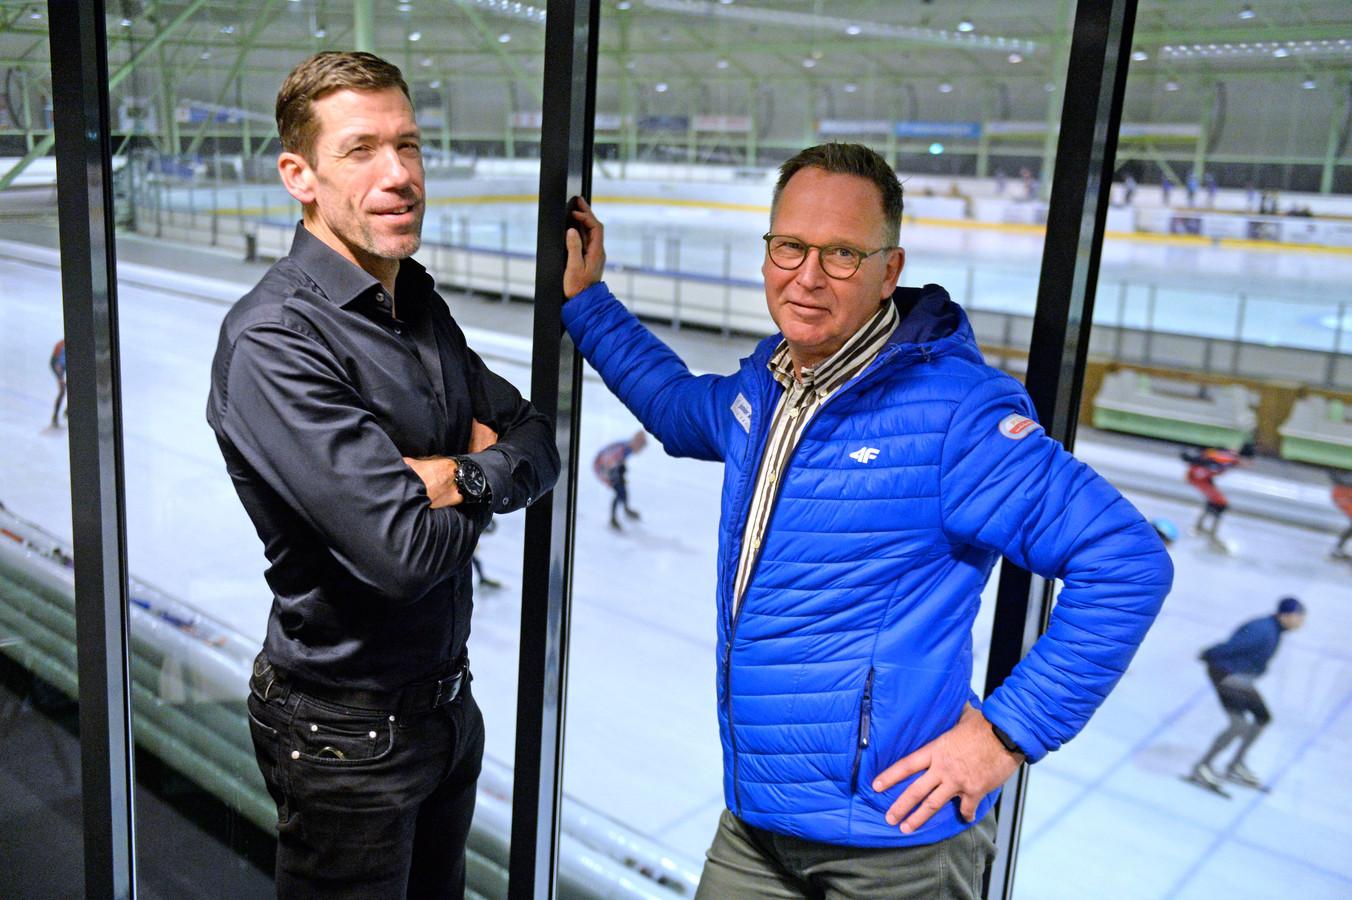 Manager Gianni Romme (links) van IJsbaan Twente en wedstrijdleider Hanjo Heideman kijken uit naar de eerste wereldbekerwedstrijd voor junioren in Enschede.